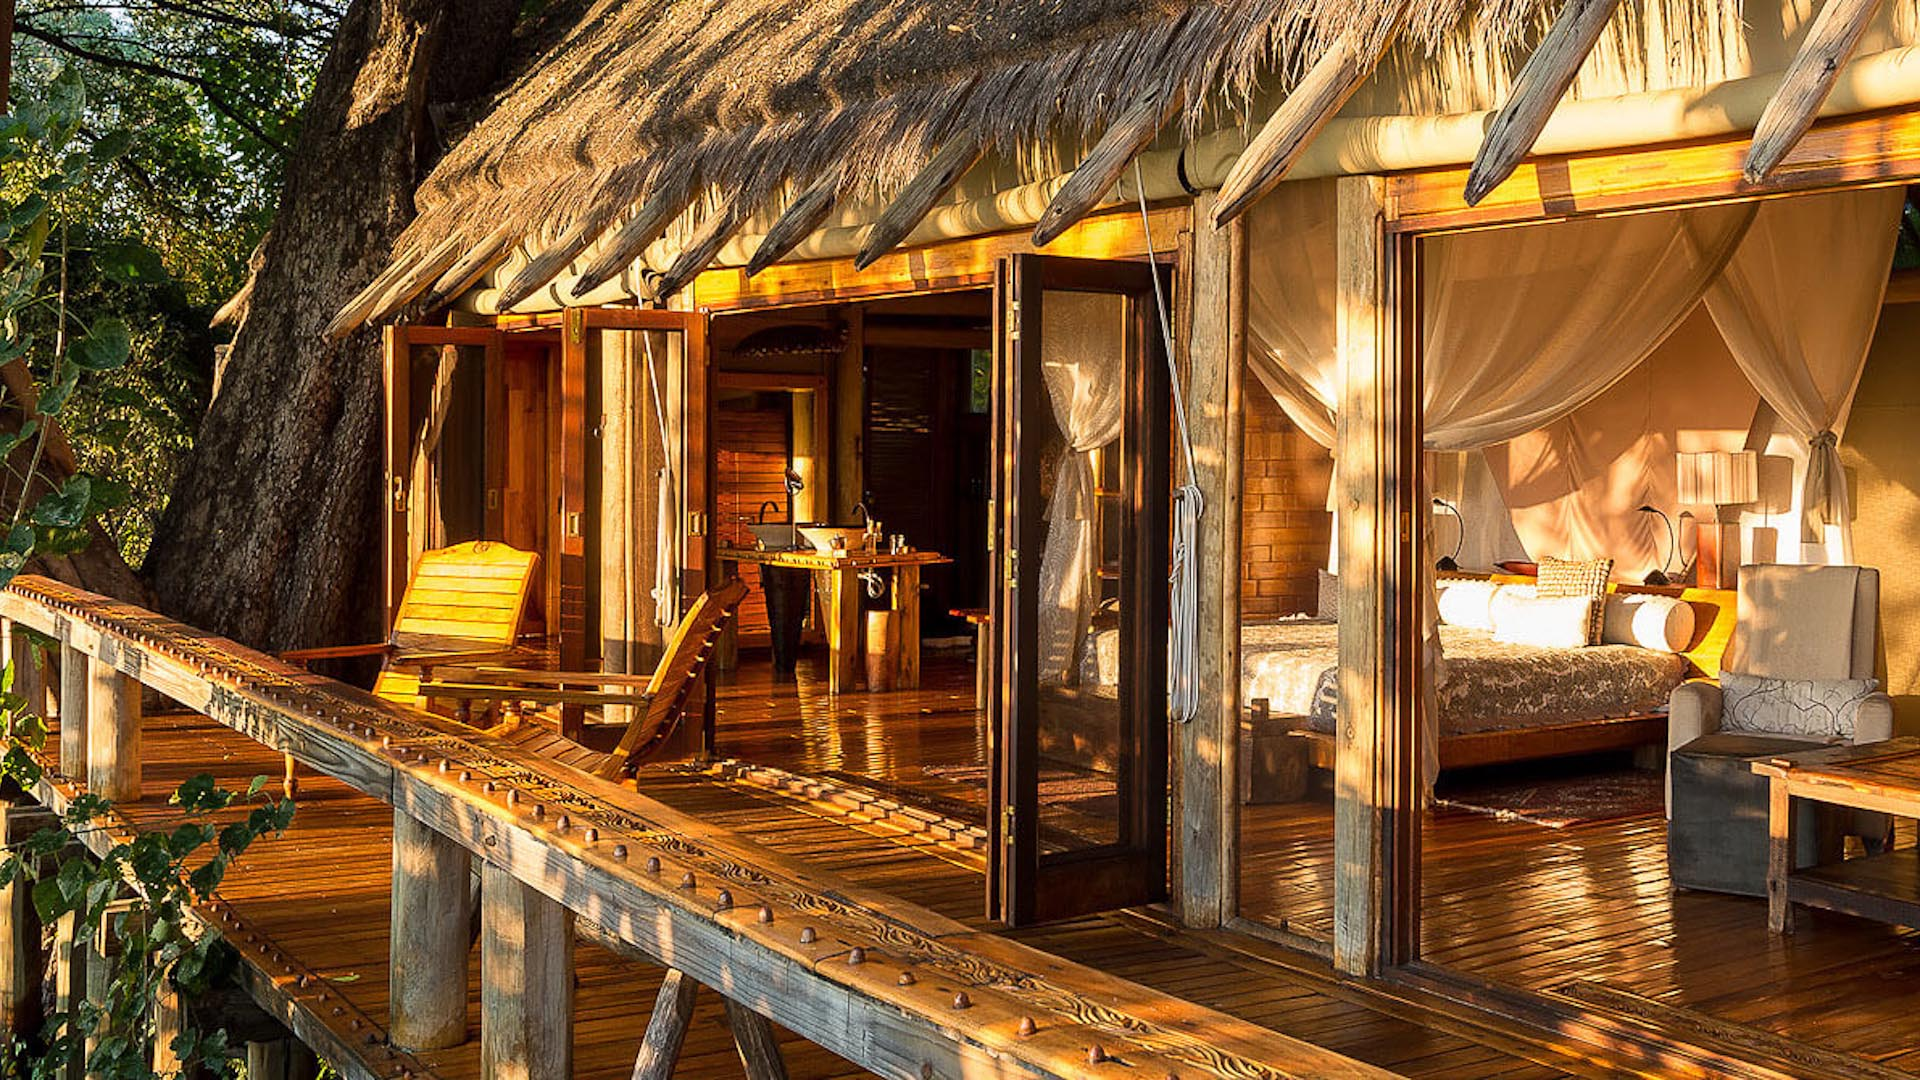 The Jao Camp in the Okavango Delta